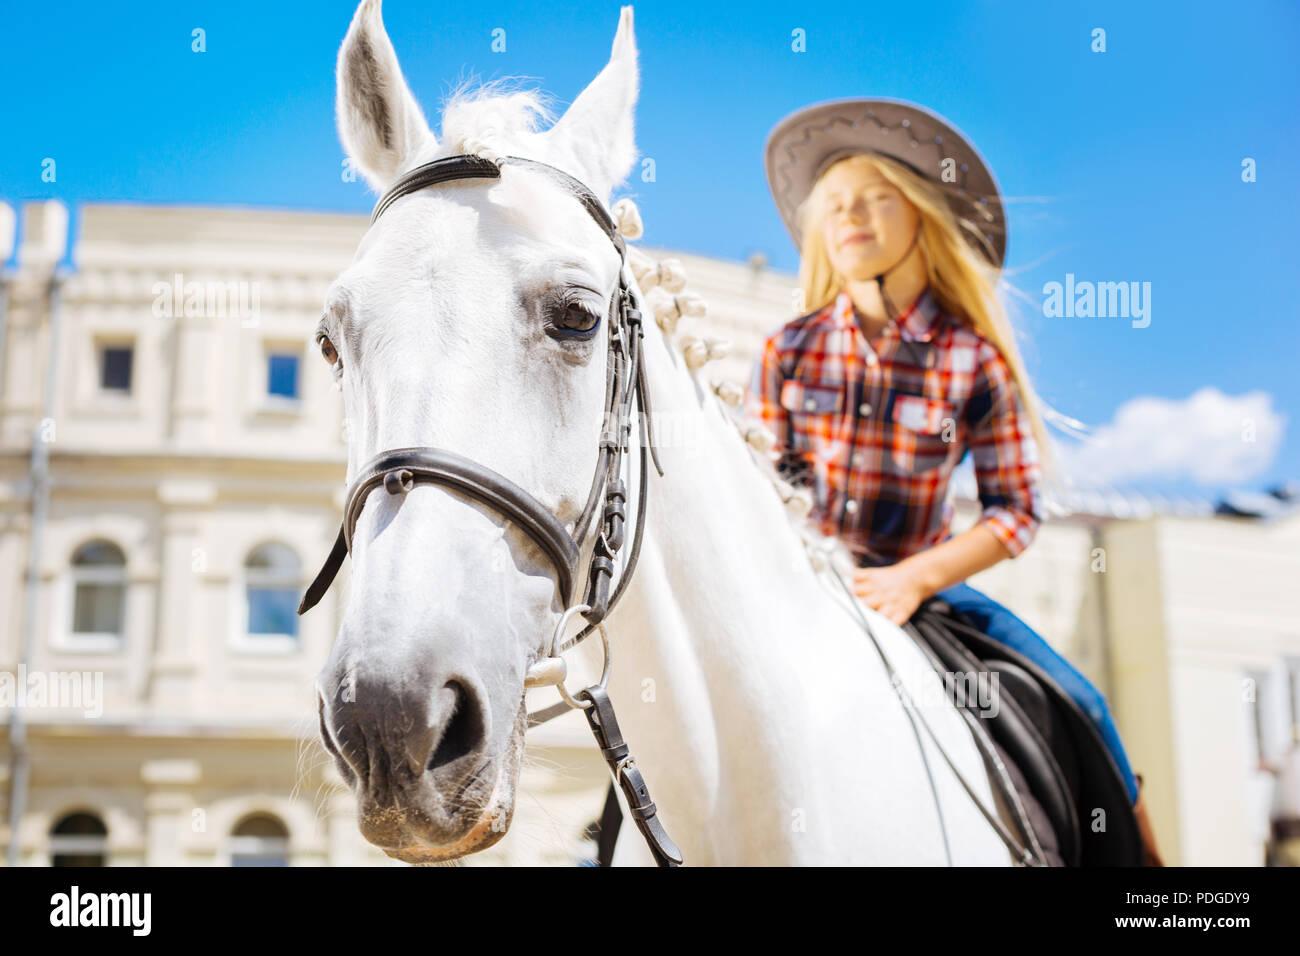 White Horse Racing humblement avec lui sur la fille Photo Stock